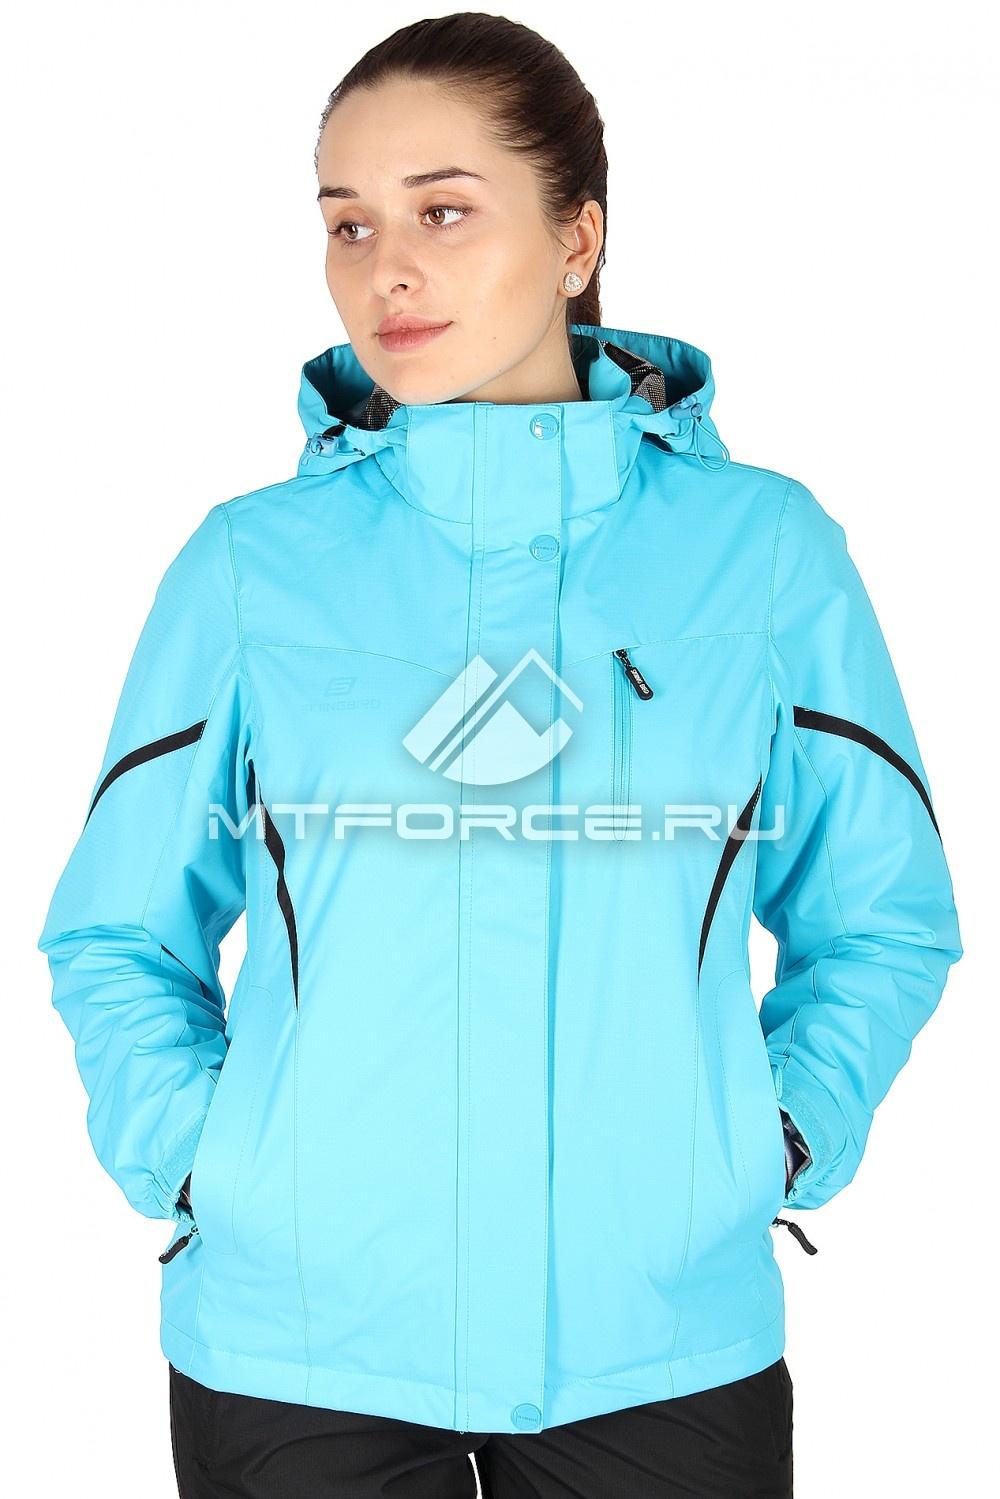 Купить                                  оптом Куртка спортивная женская весна синего цвета 1615S